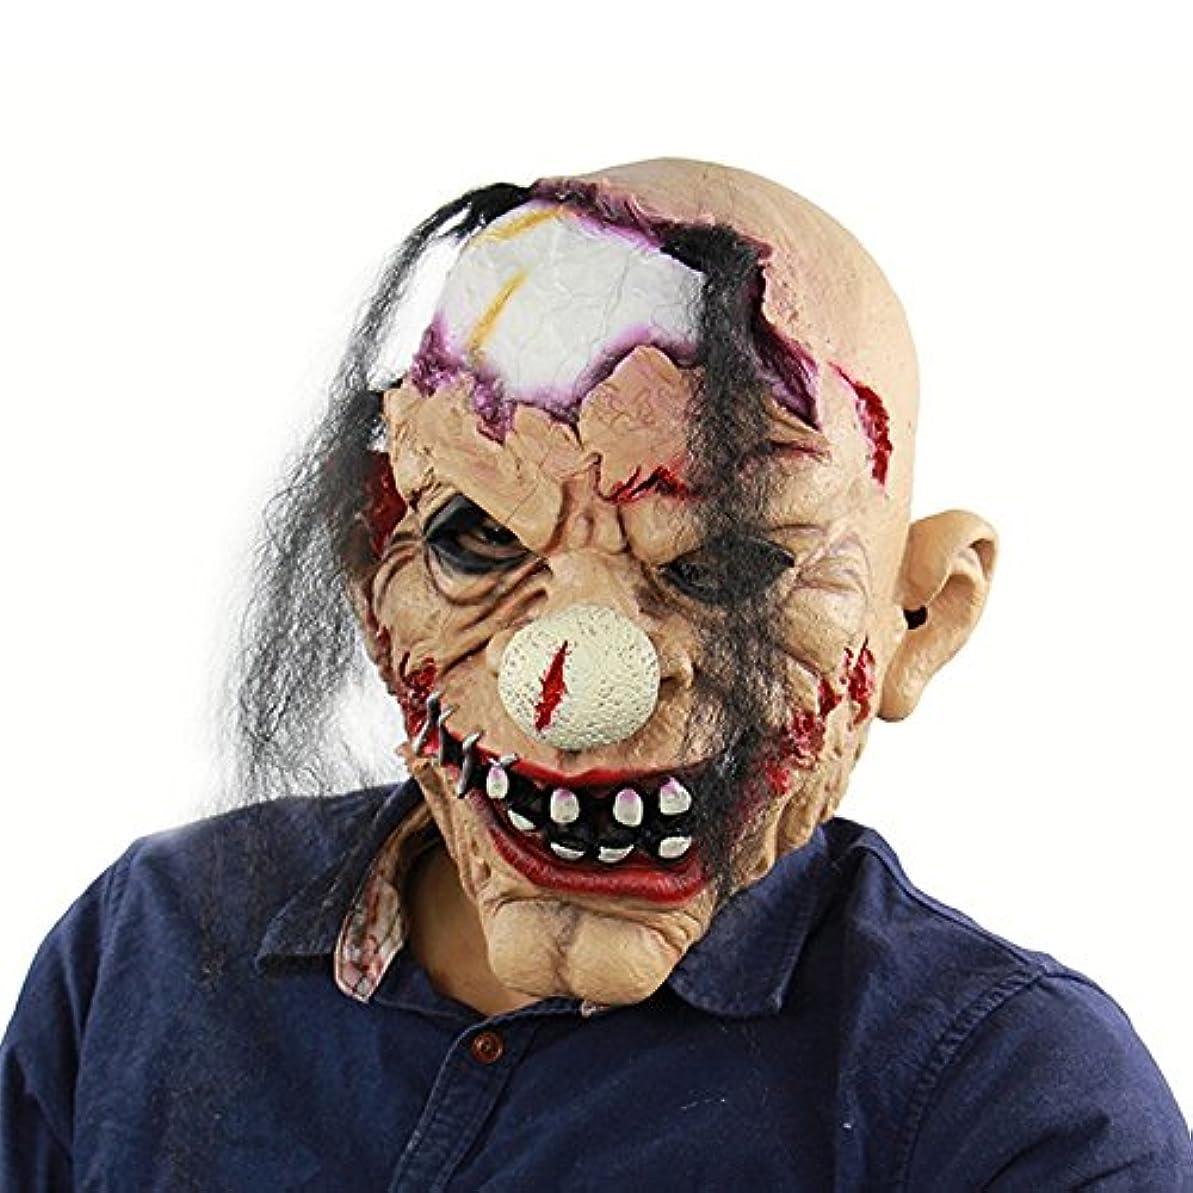 問い合わせる可決ランドリーホラーゾンビピエロラテックスフードハロウィーンお化け屋敷ドレスアップゴーストマスク